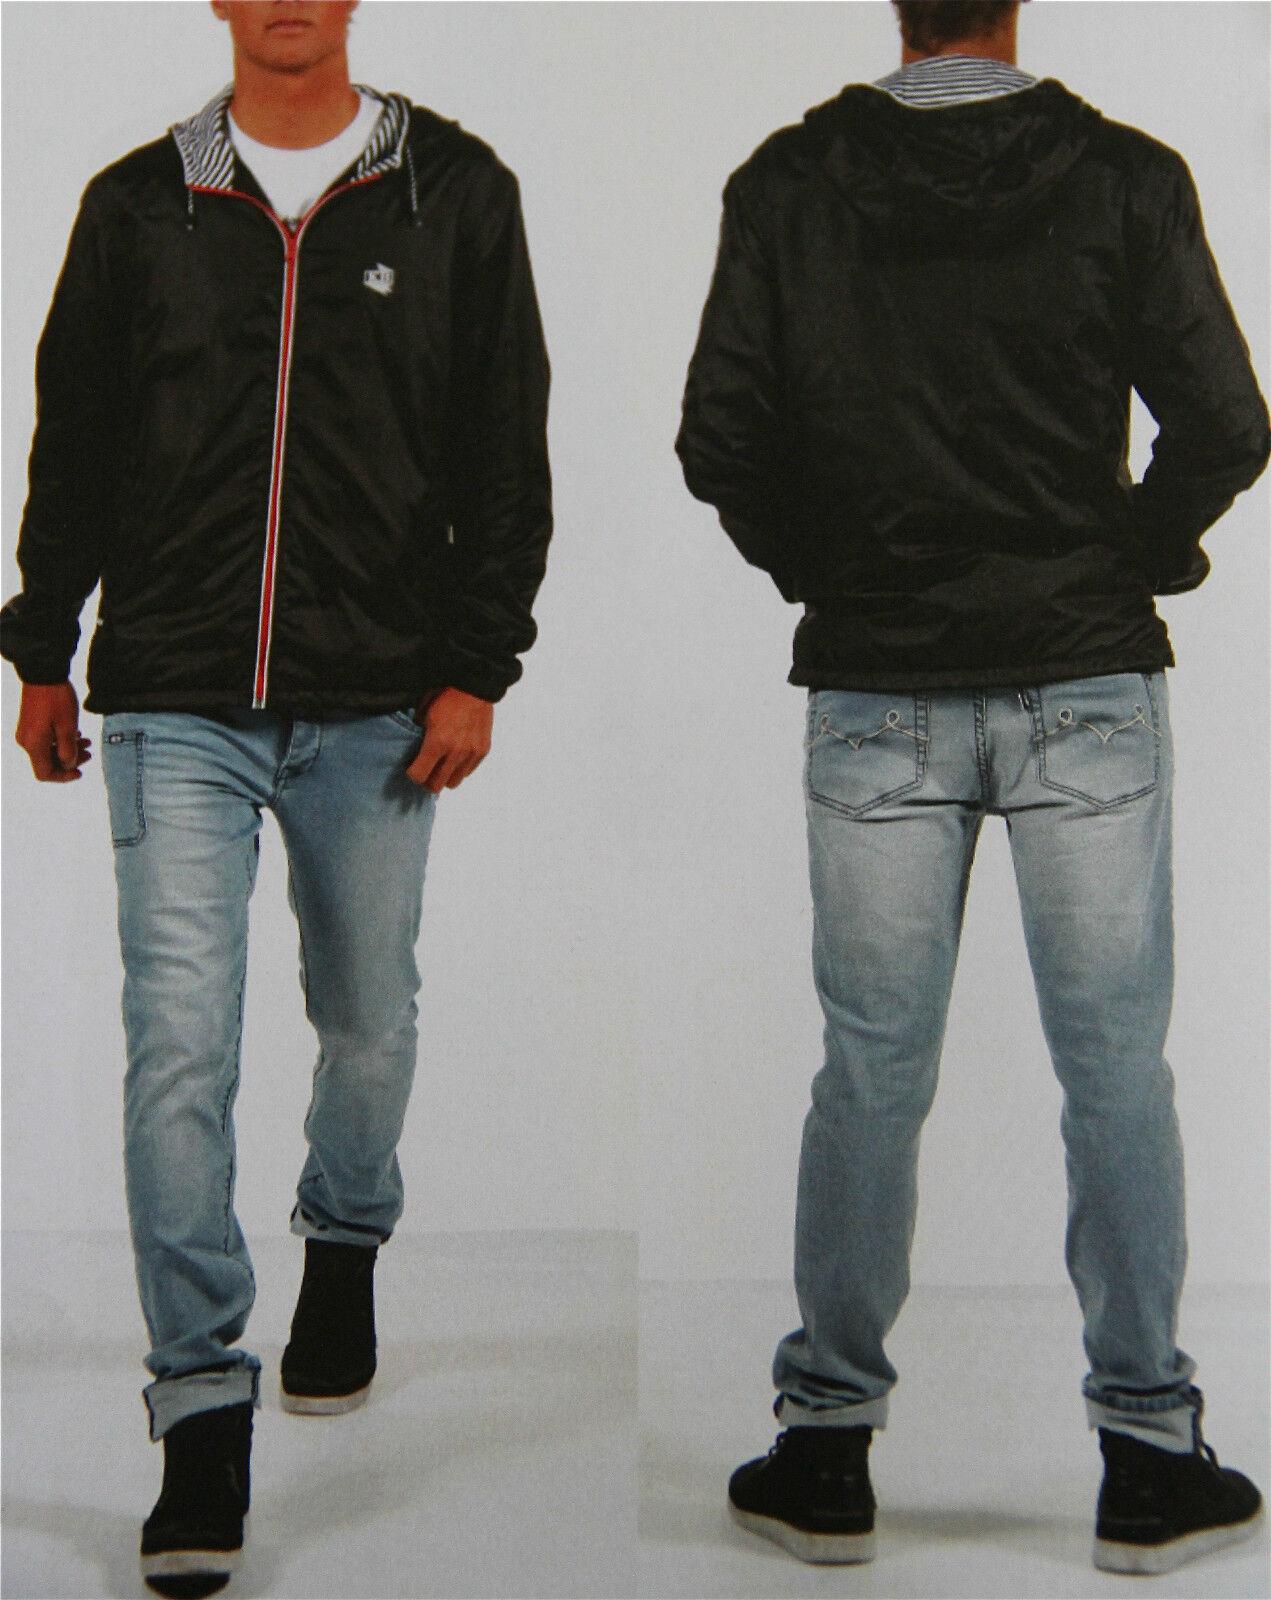 Jeans délavé KANABEACH thekidz T 40 (M) NEUF ÉTIQUETTE  VALEUR